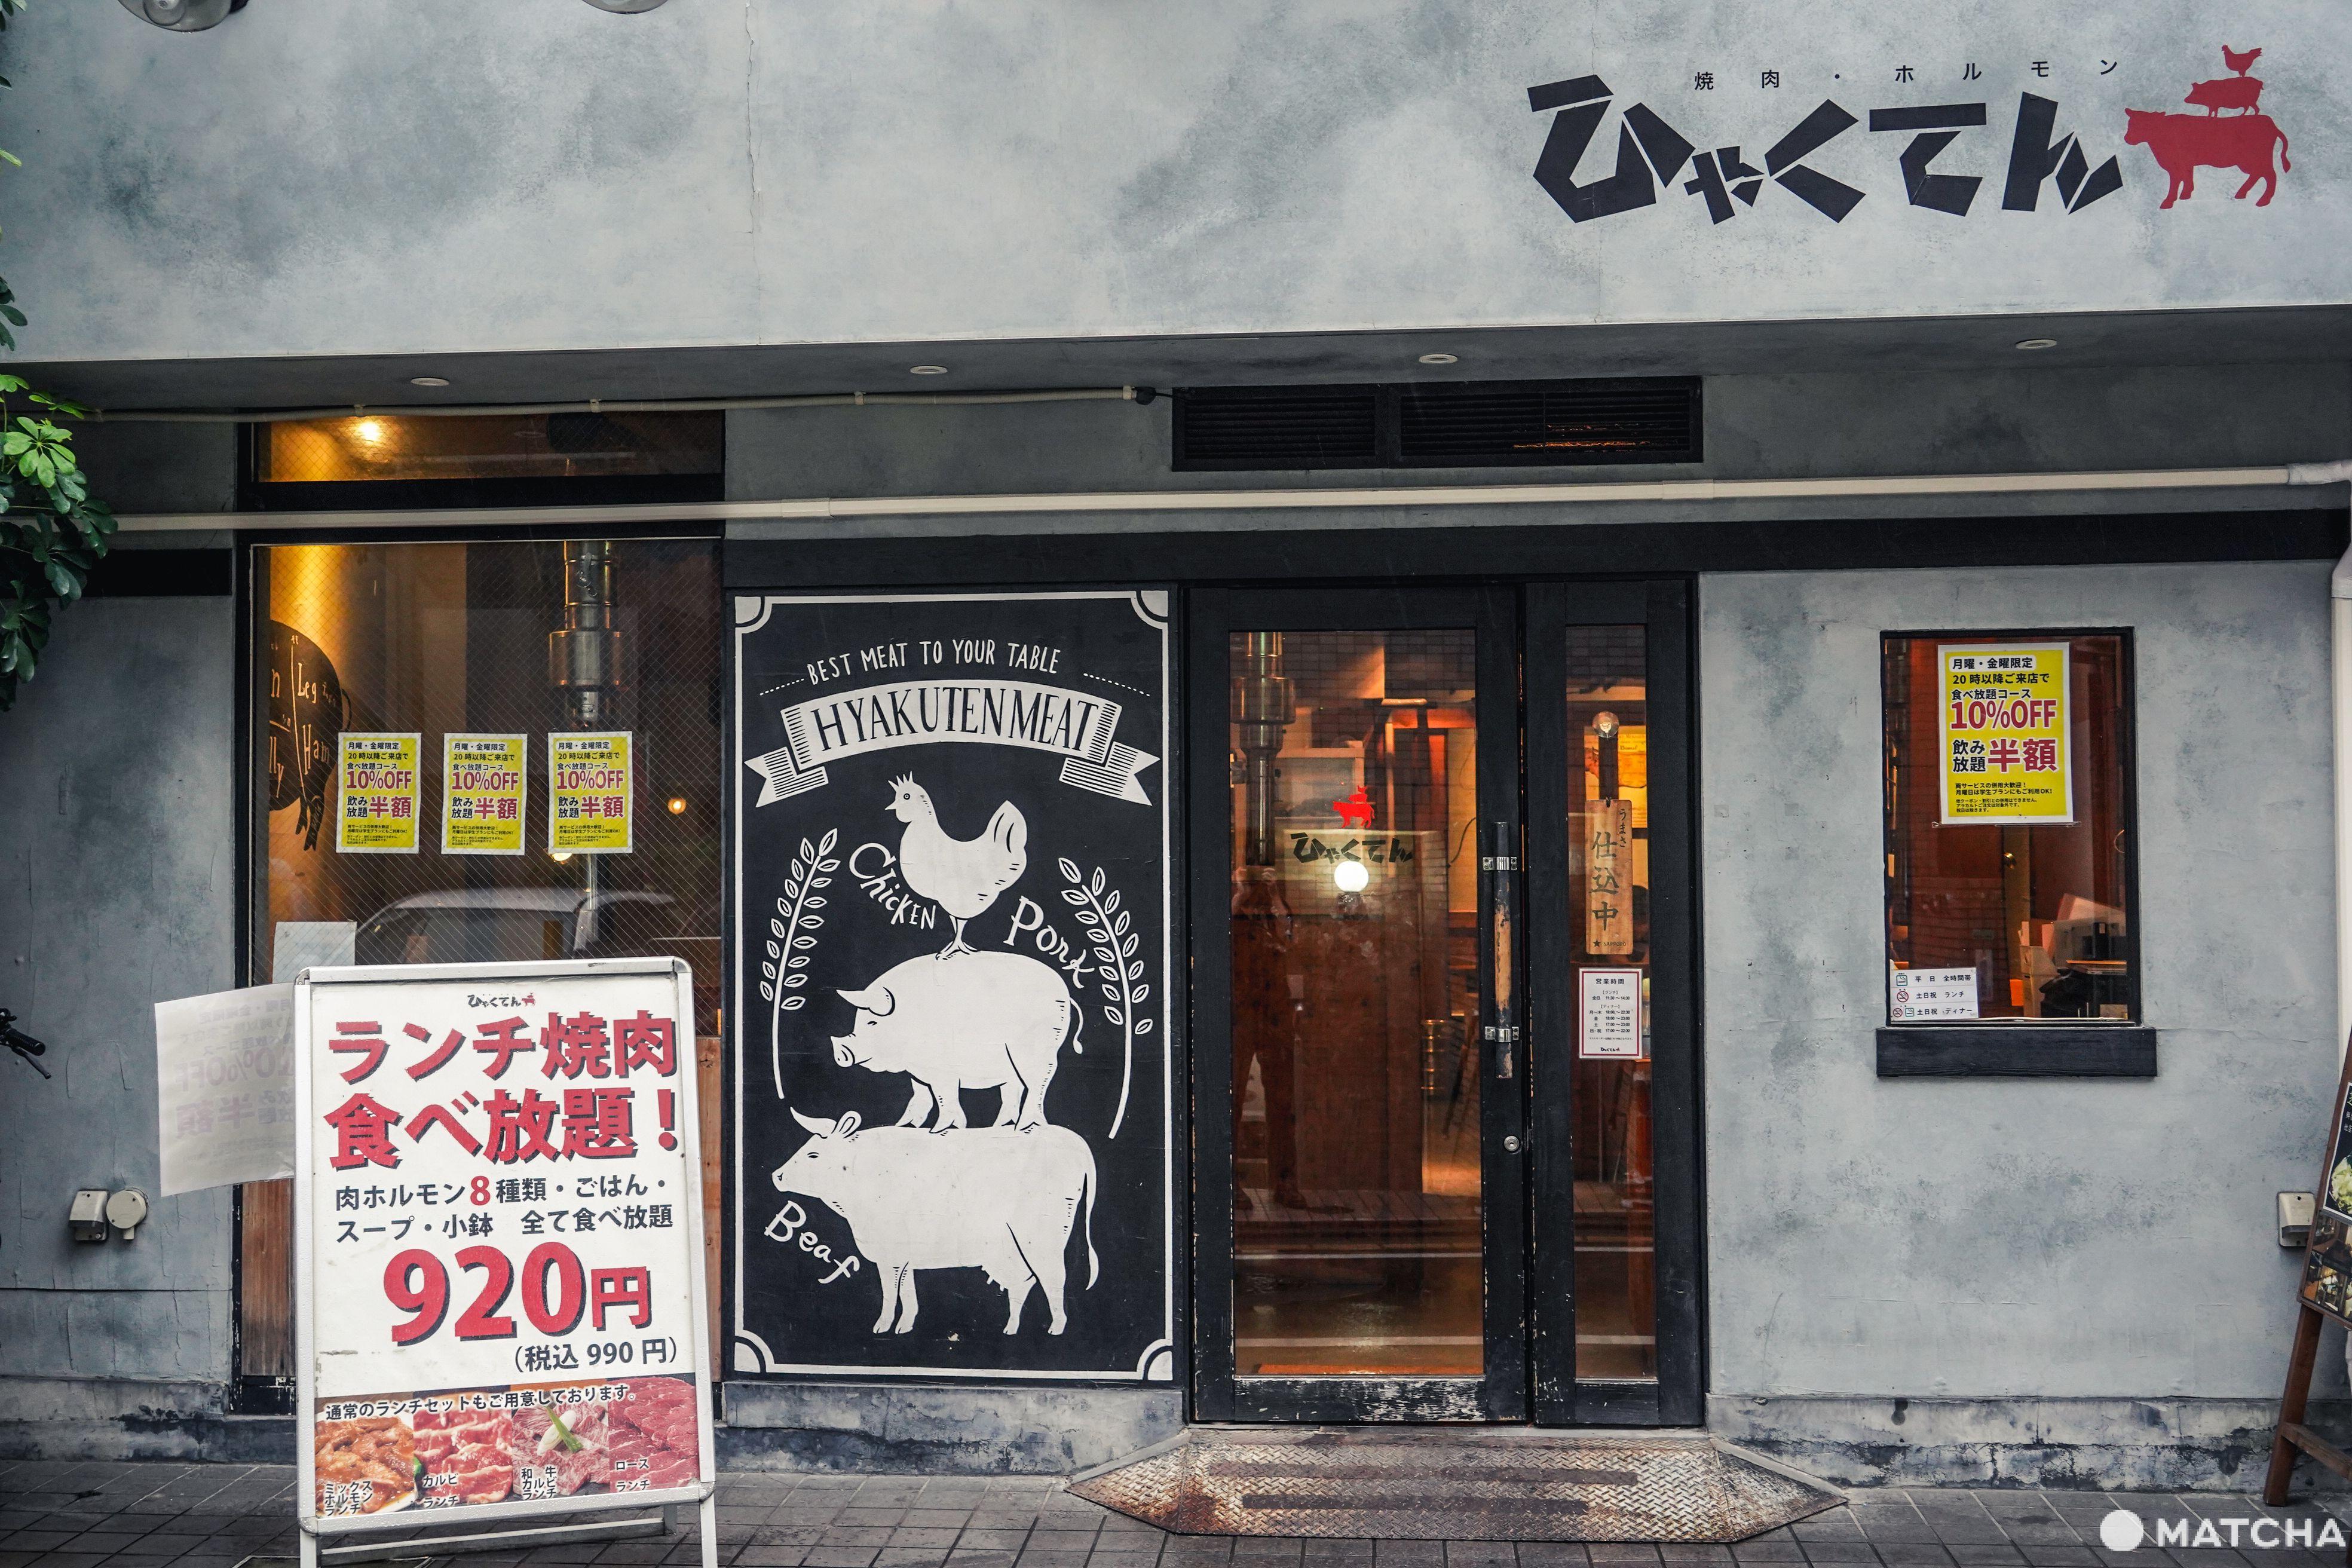 東京美食_燒肉吃到飽_豪德寺ひゃくてん_外觀